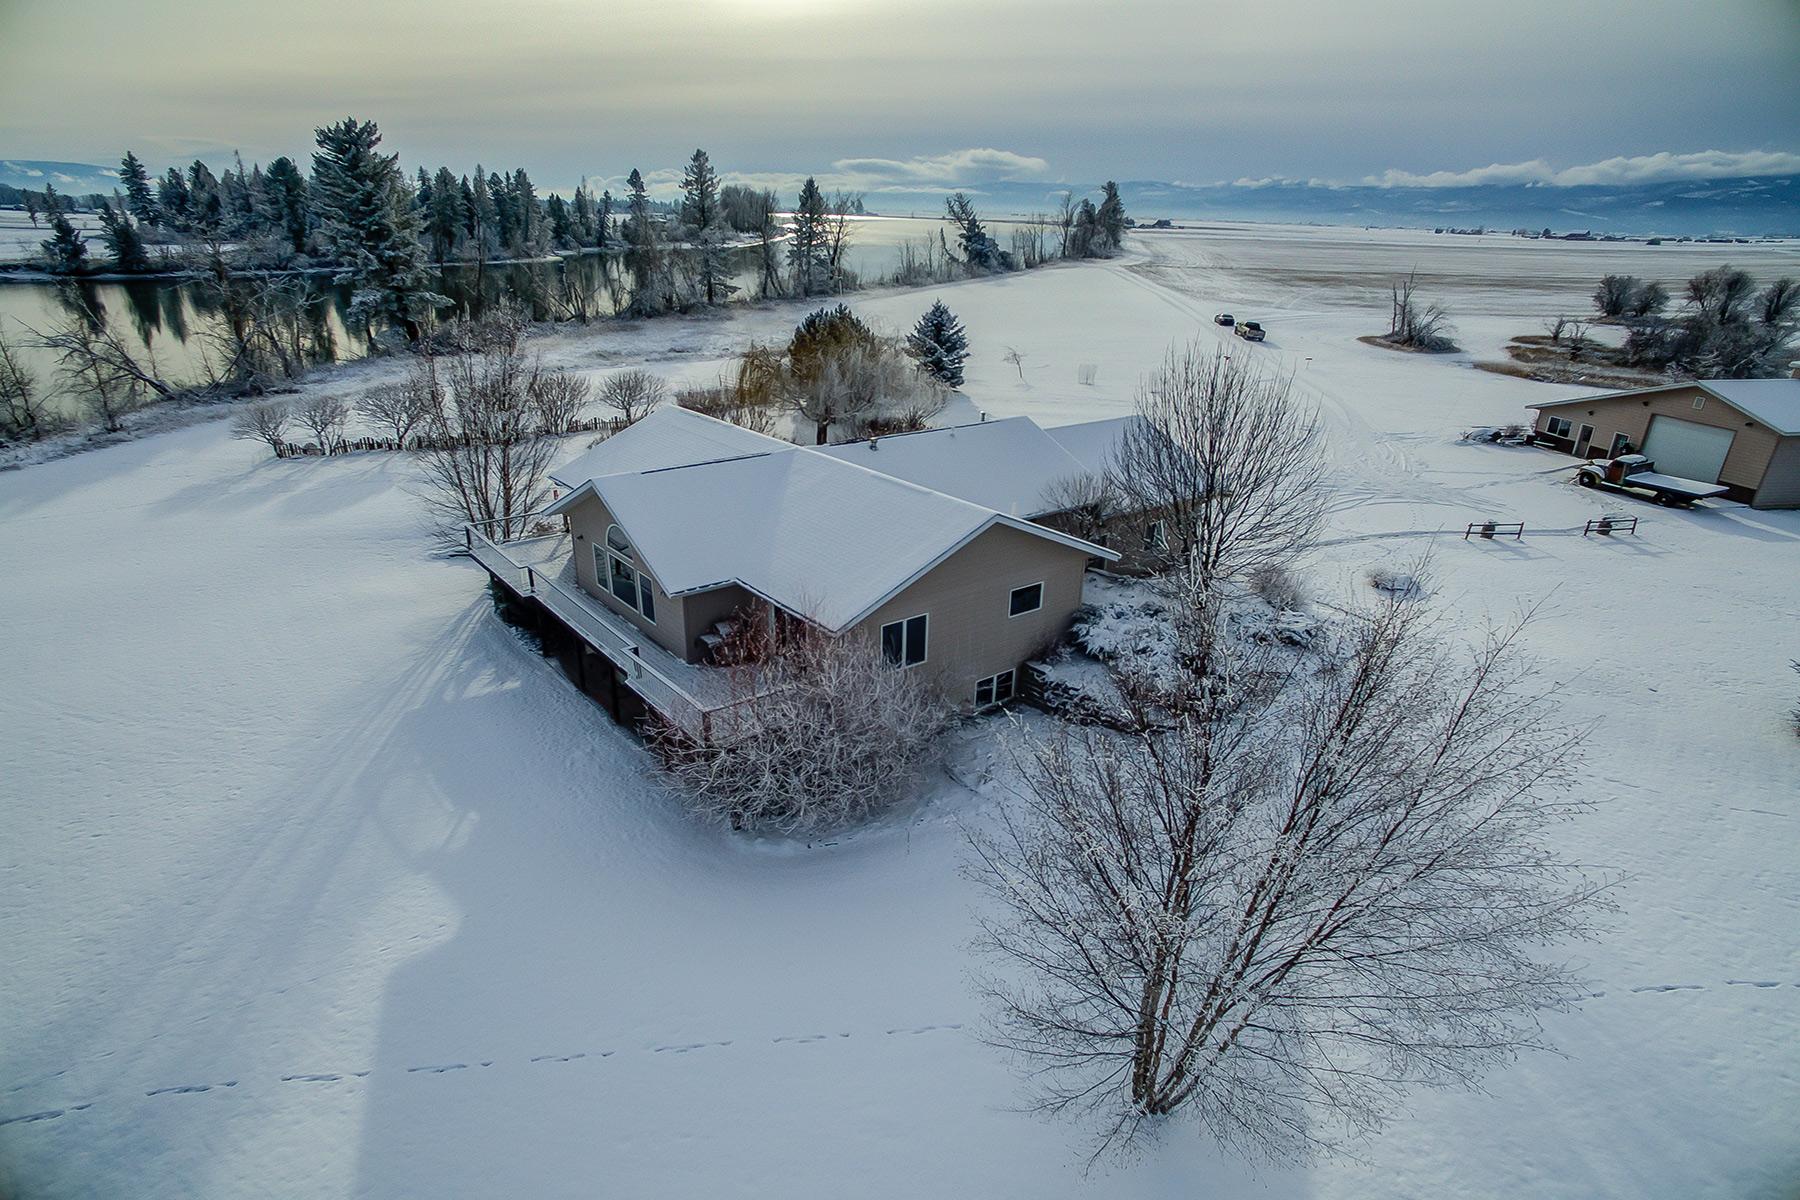 Fazenda / Rancho / Plantação para Venda às 2909 Lower Valley Road Kalispell, Montana 59901 Estados Unidos